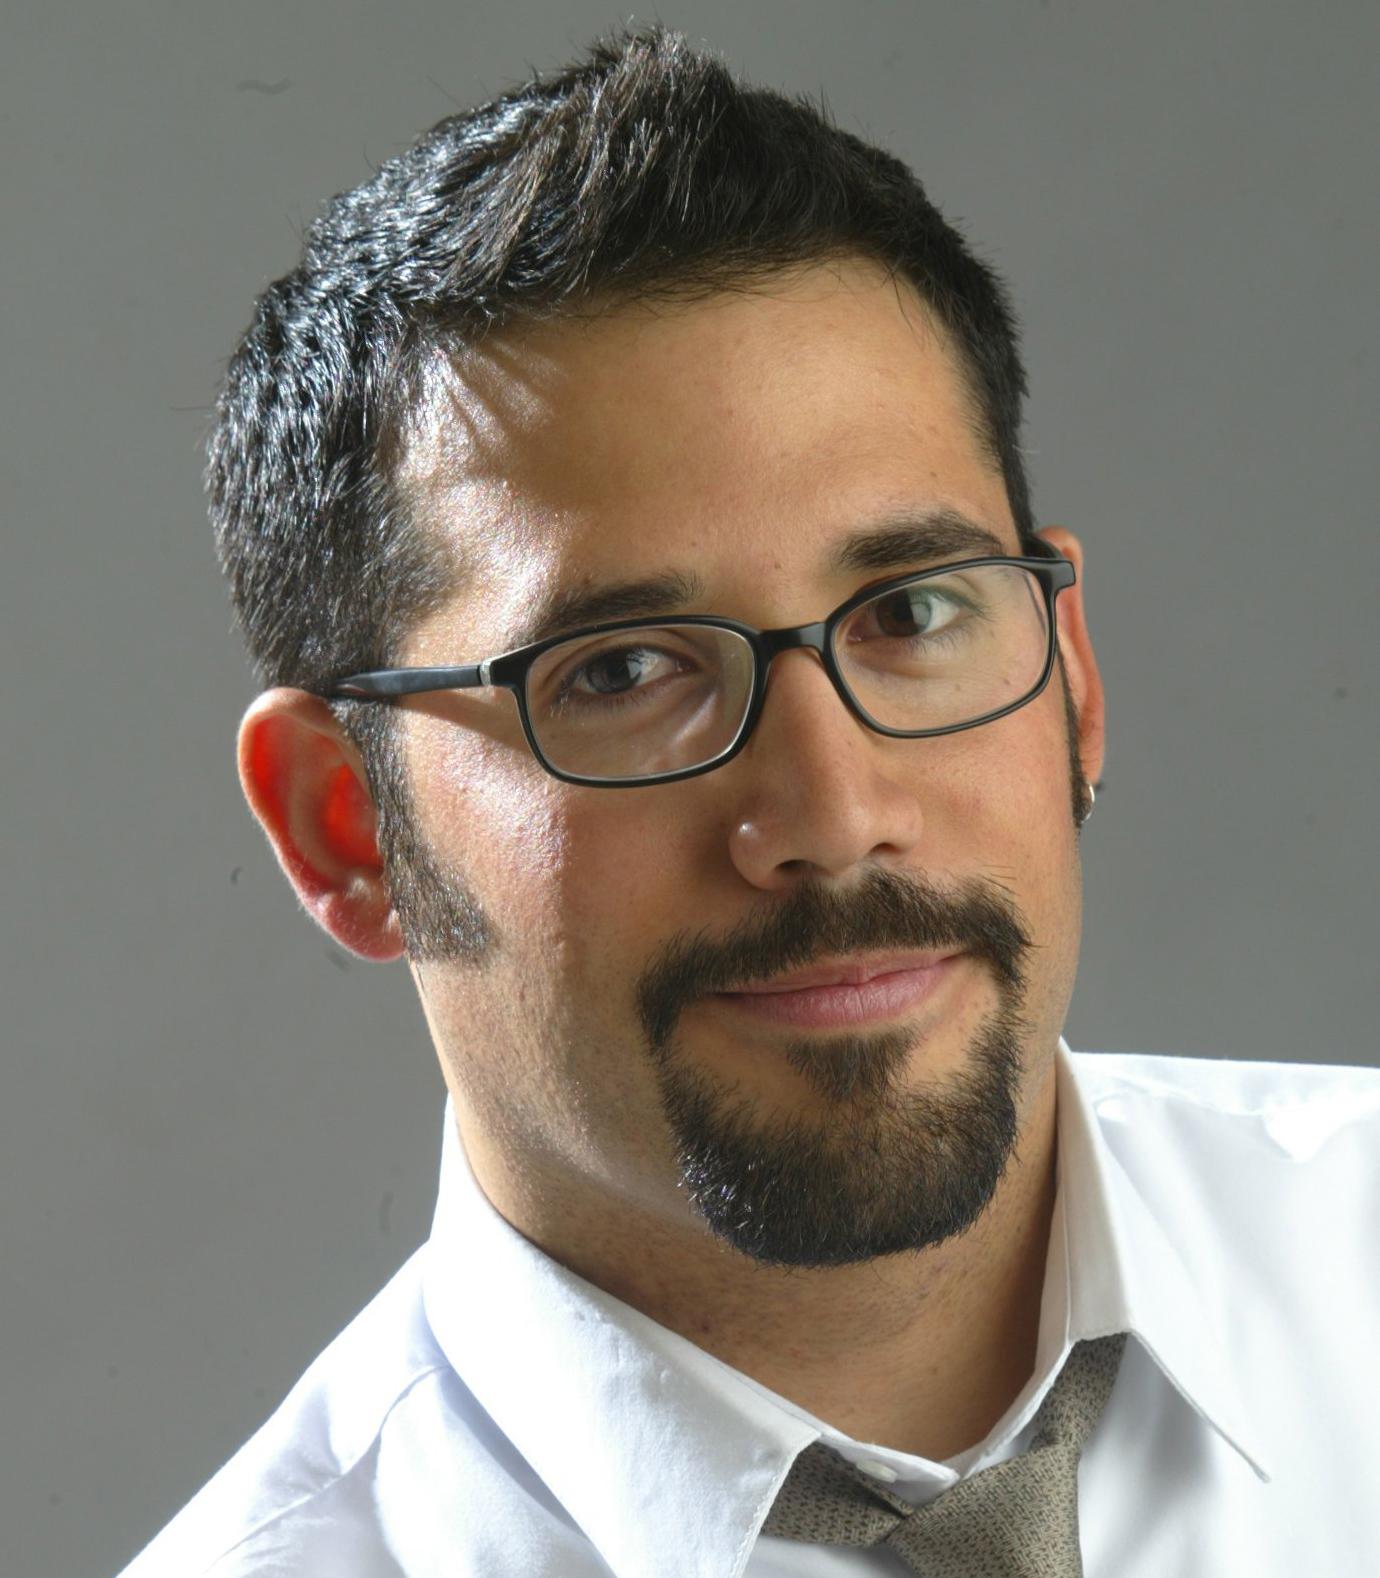 <b>Robert Hernandez</b> - HernandezRobert1